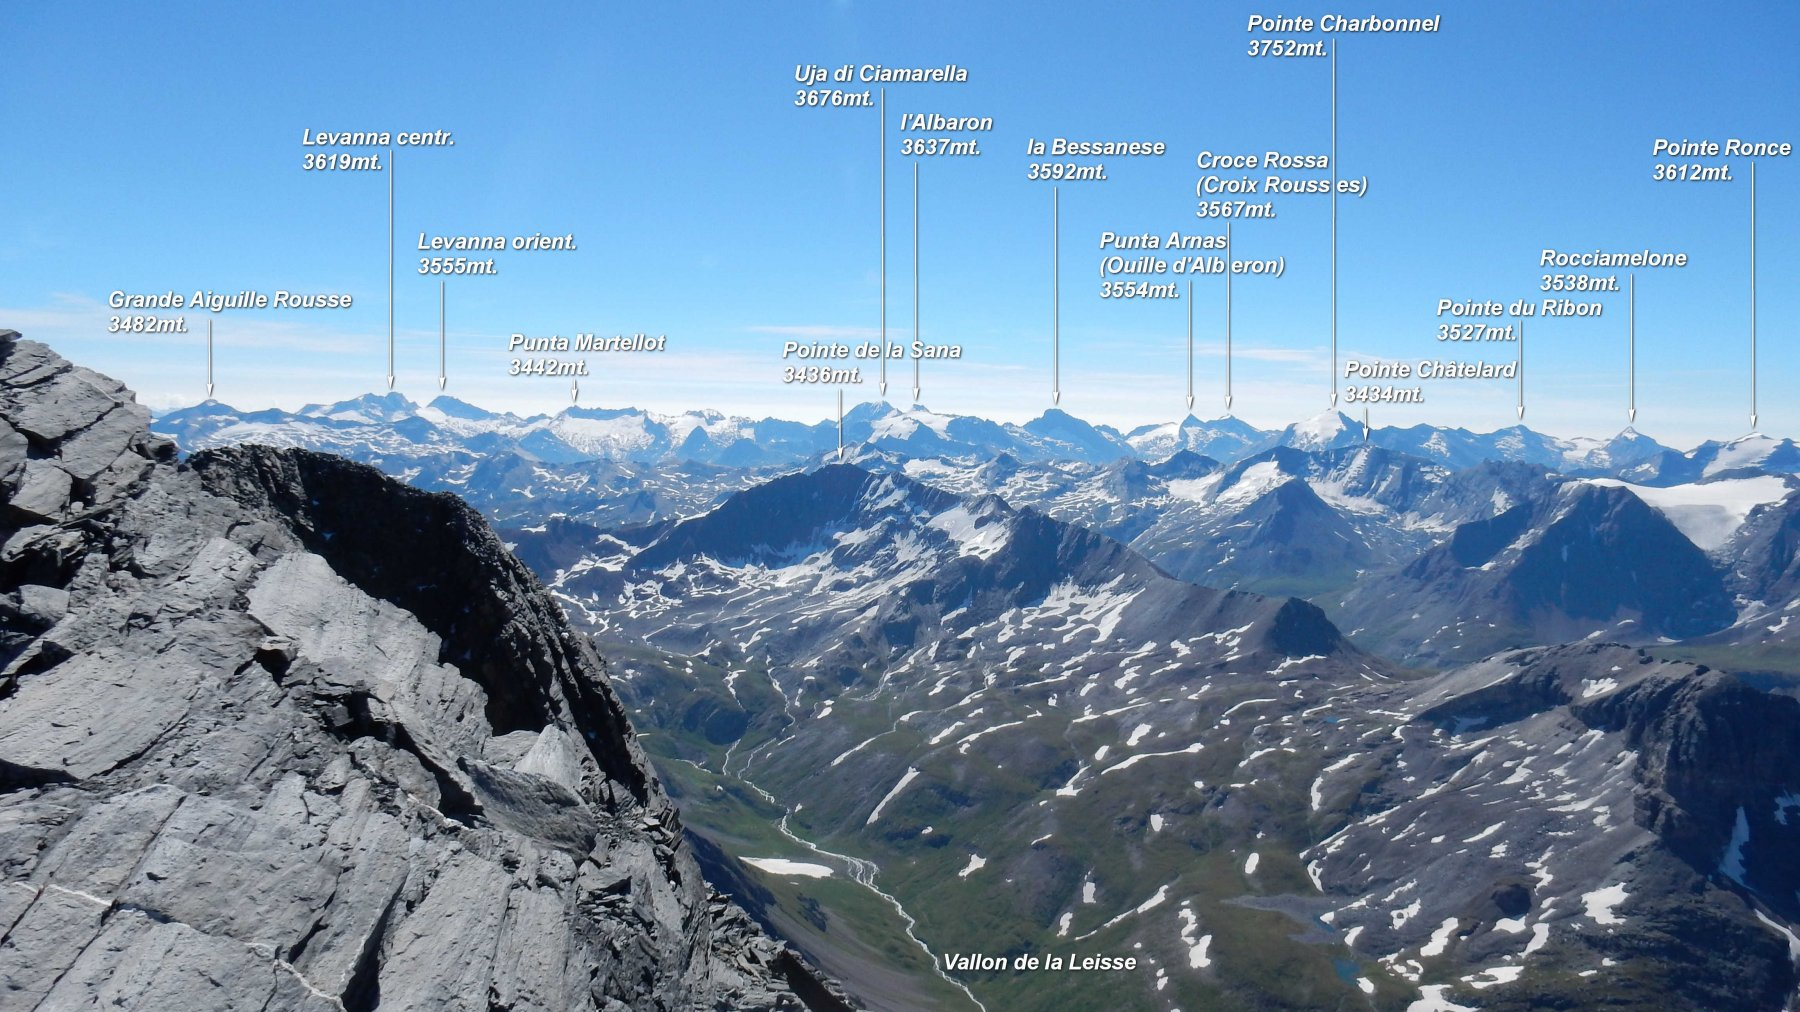 Grandissimo panorama dalla vetta della Grande Casse.